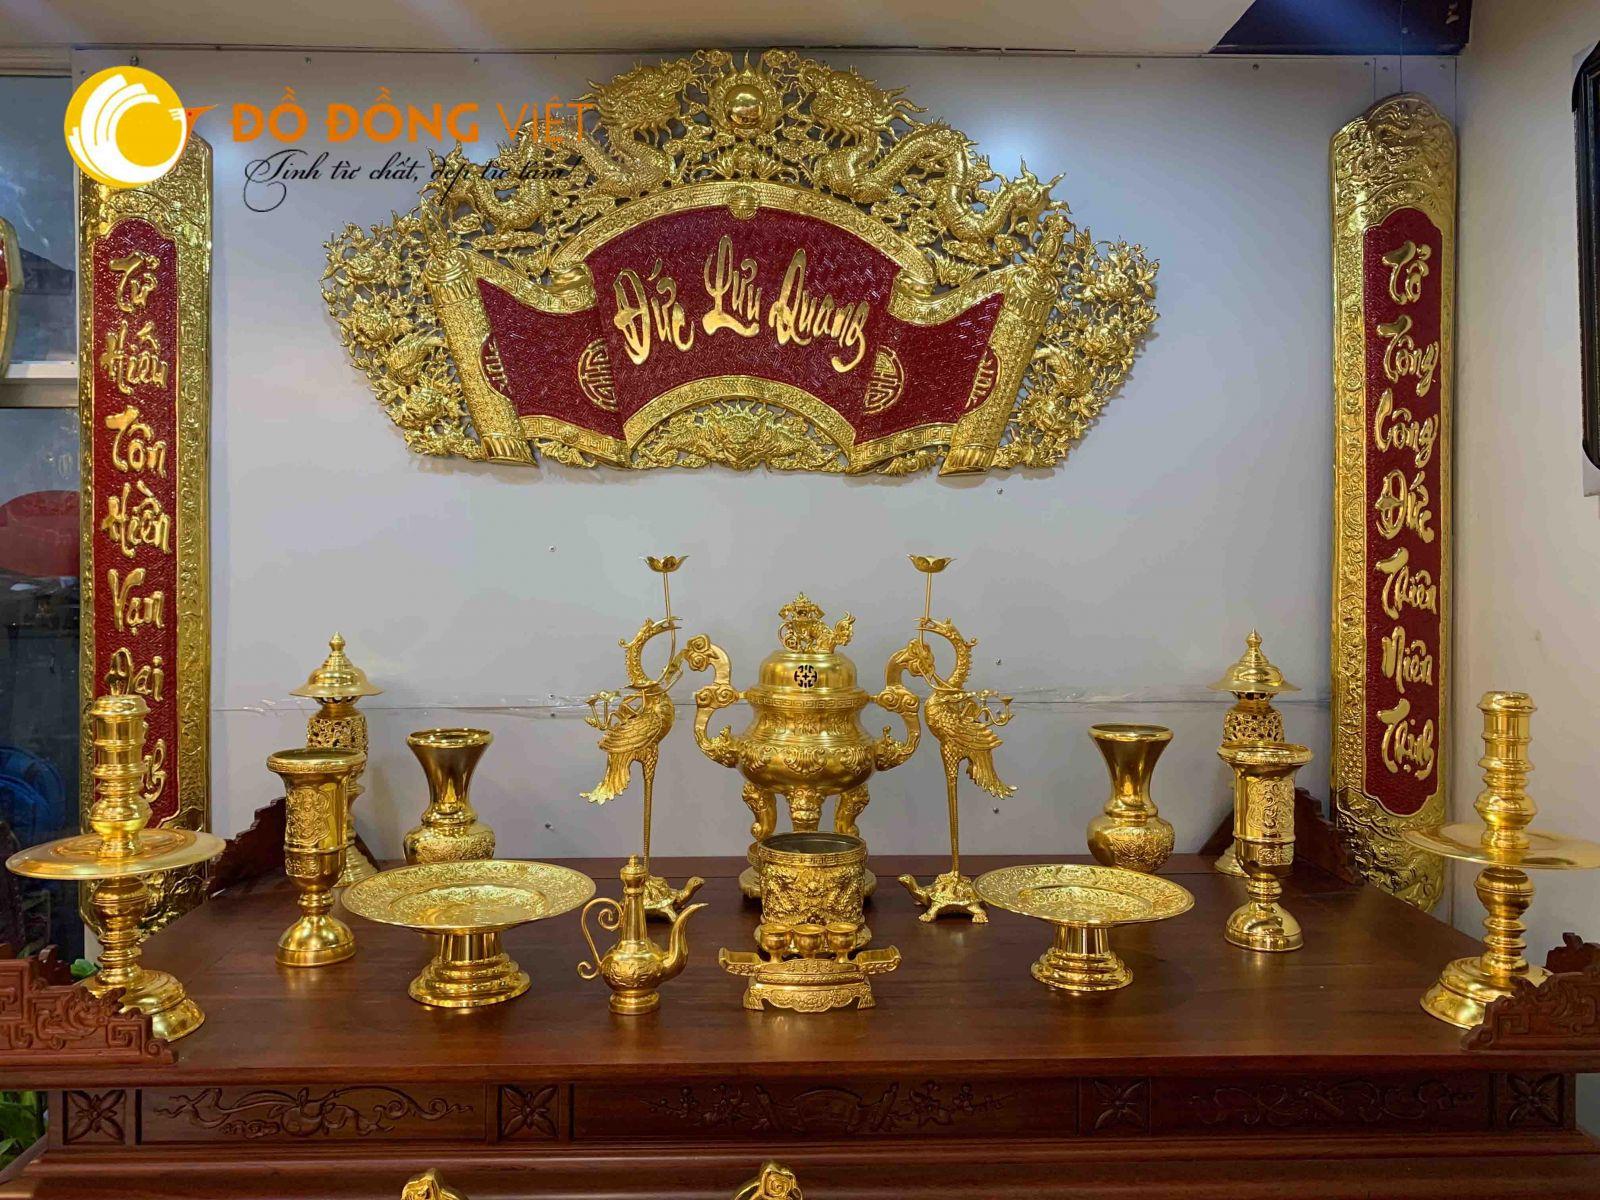 Bộ đồ thờ phú quý dát vàng, đỉnh đồng thờ cúng đẹp